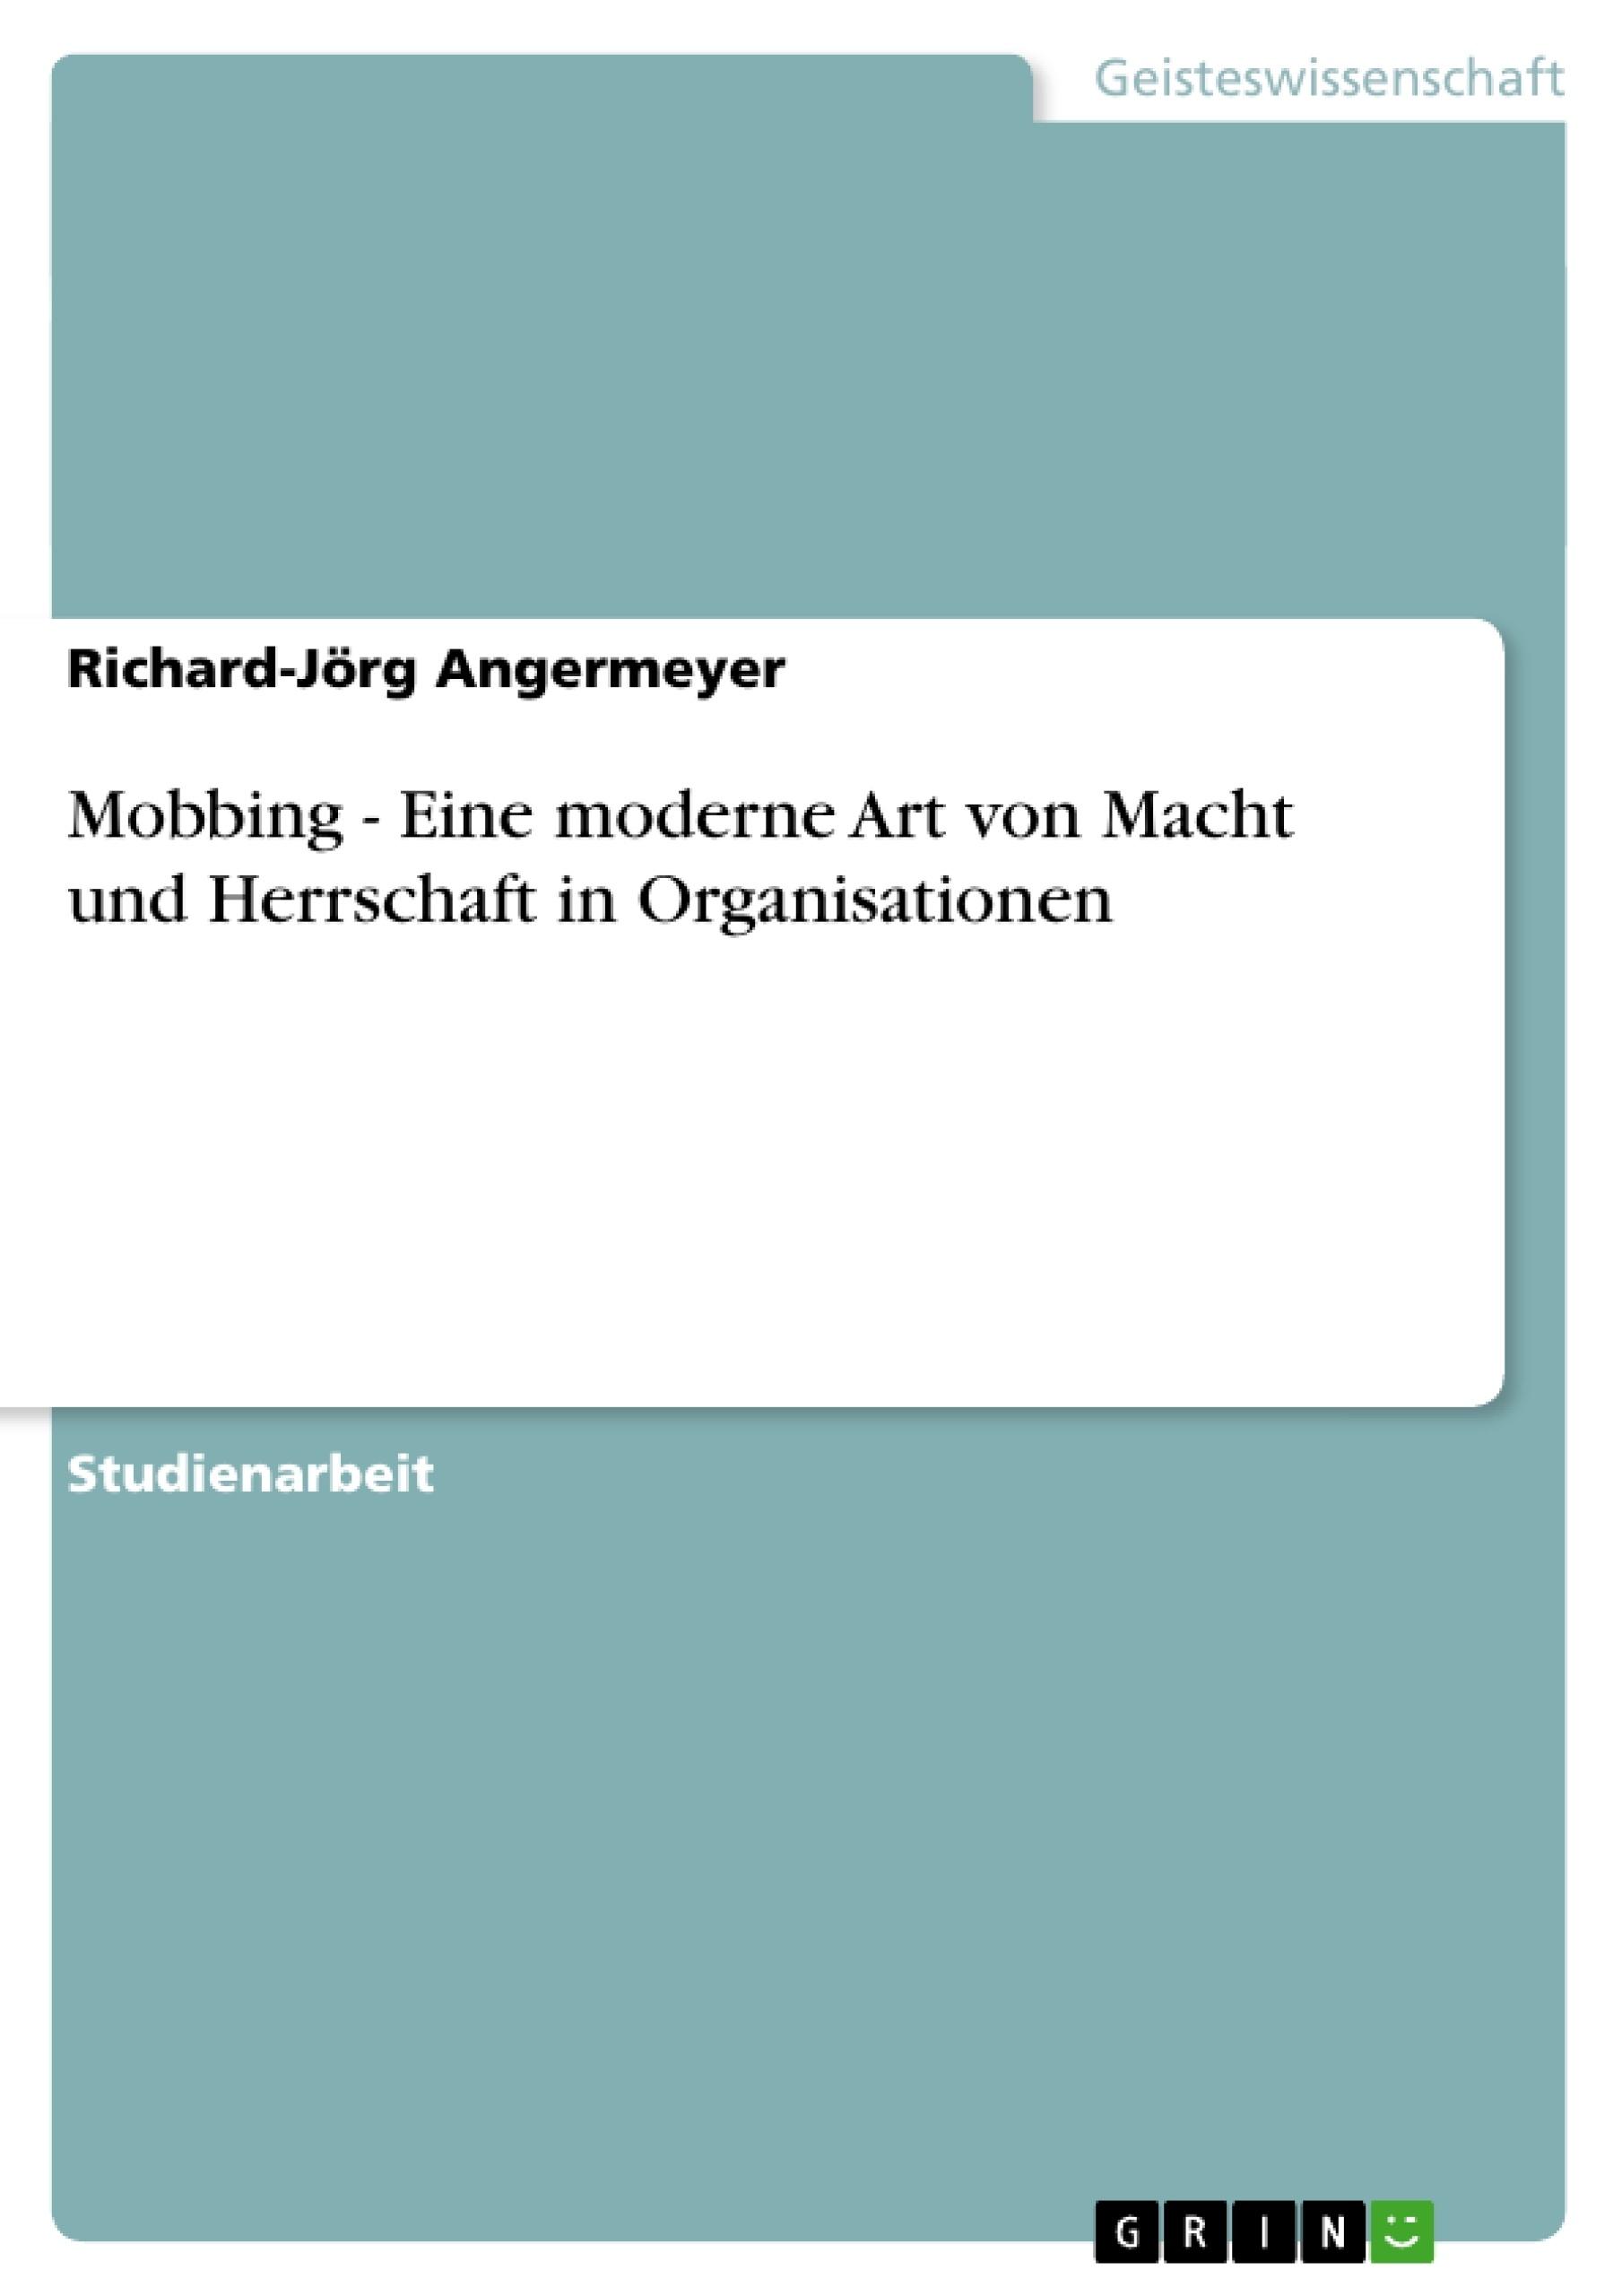 Titel: Mobbing - Eine moderne Art von Macht und Herrschaft in Organisationen